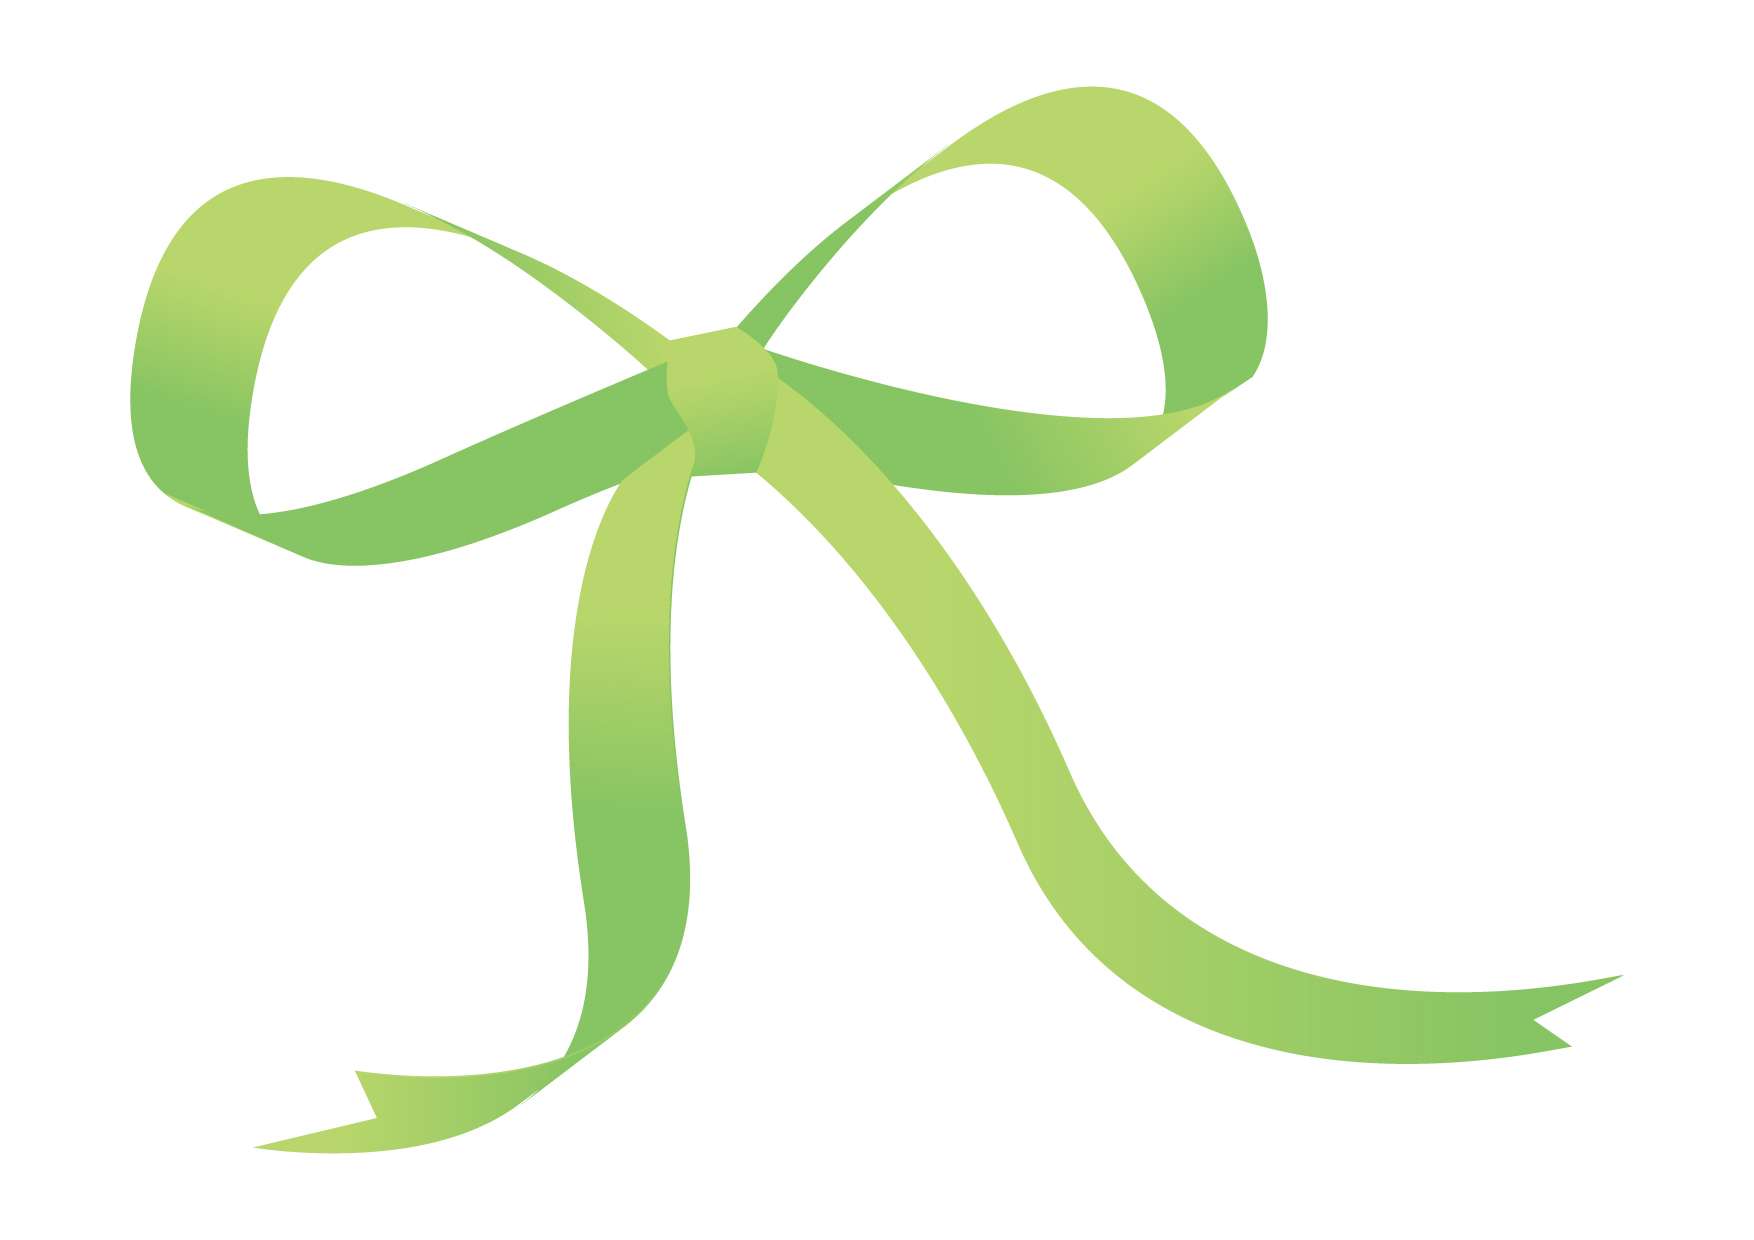 可愛いイラスト無料|リボン 緑色 − free illustration Ribbon green